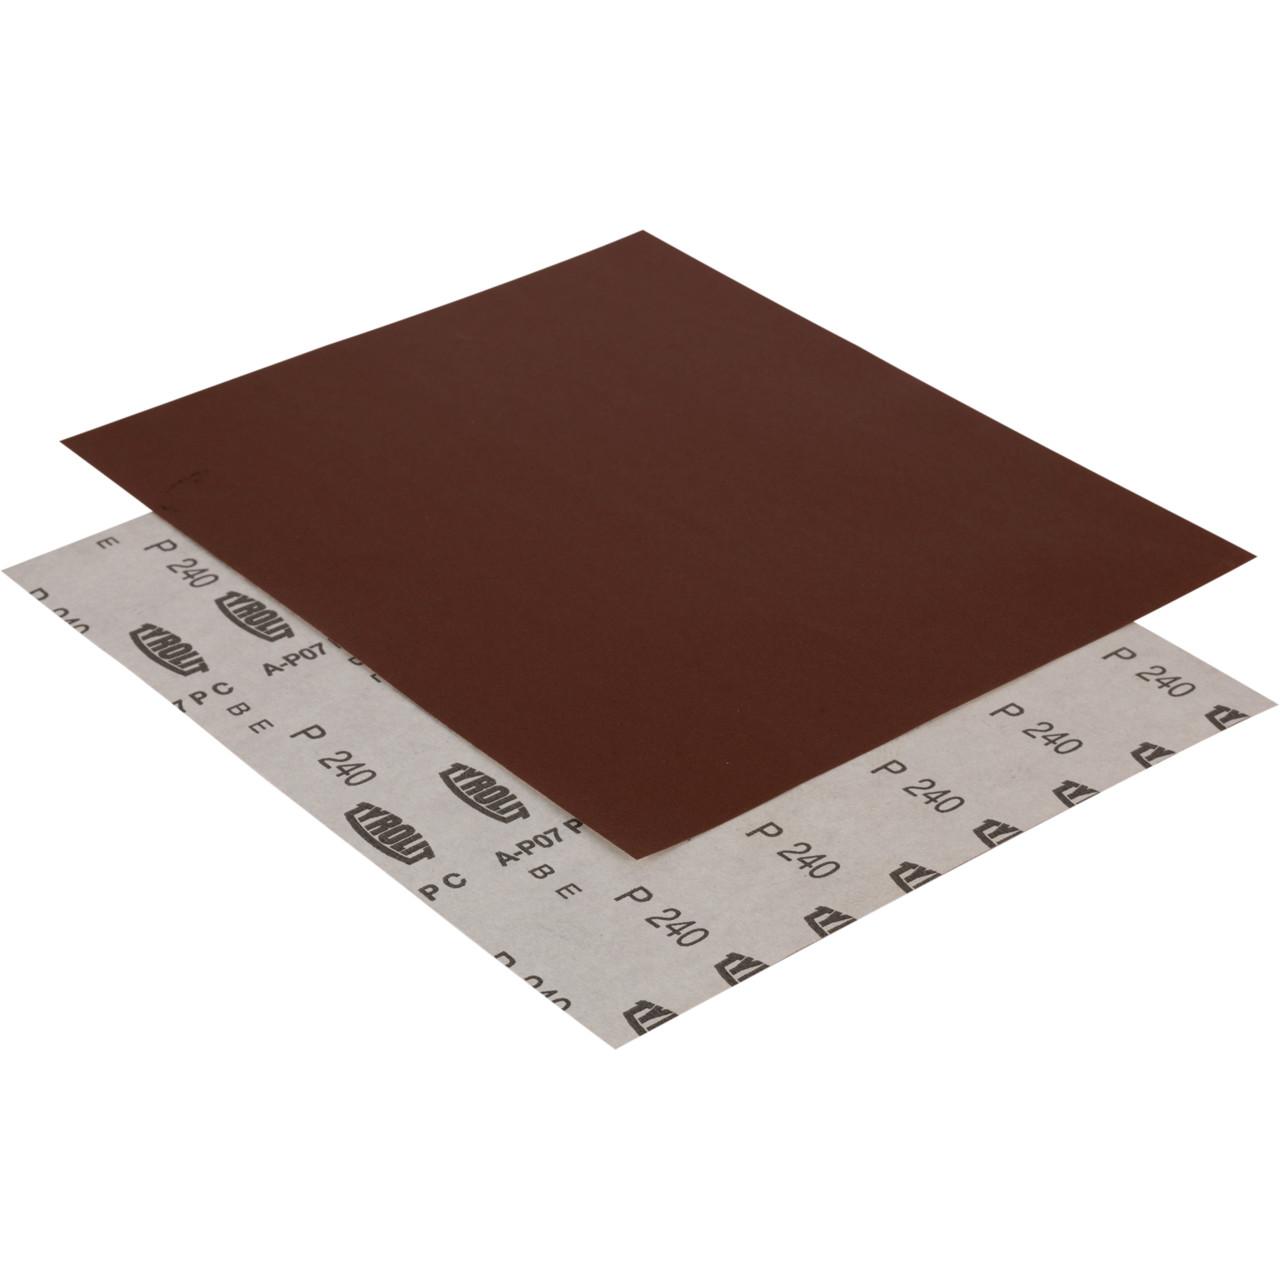 Immagine di Fogli di carta A-P07 P C PREMIUM*** per acciaio, metalli non ferrosi, legno, pittura e vernice